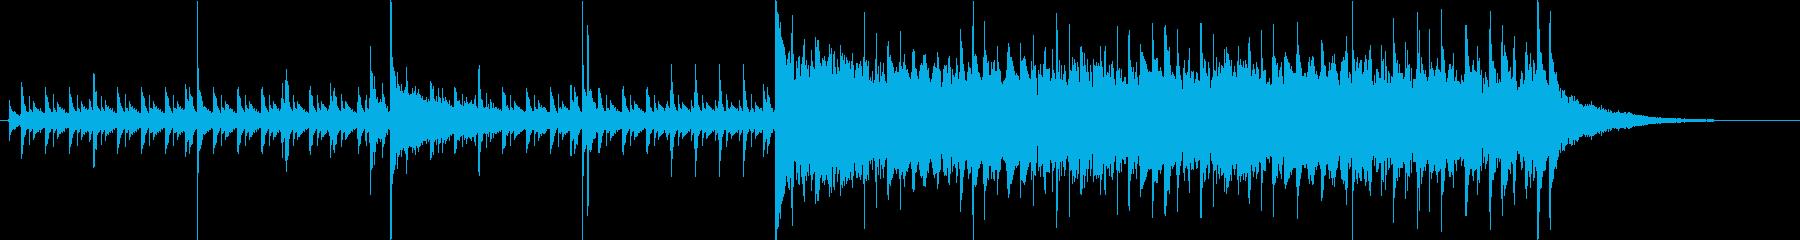 30秒・高速ジャズ・ドラムとウッドベースの再生済みの波形